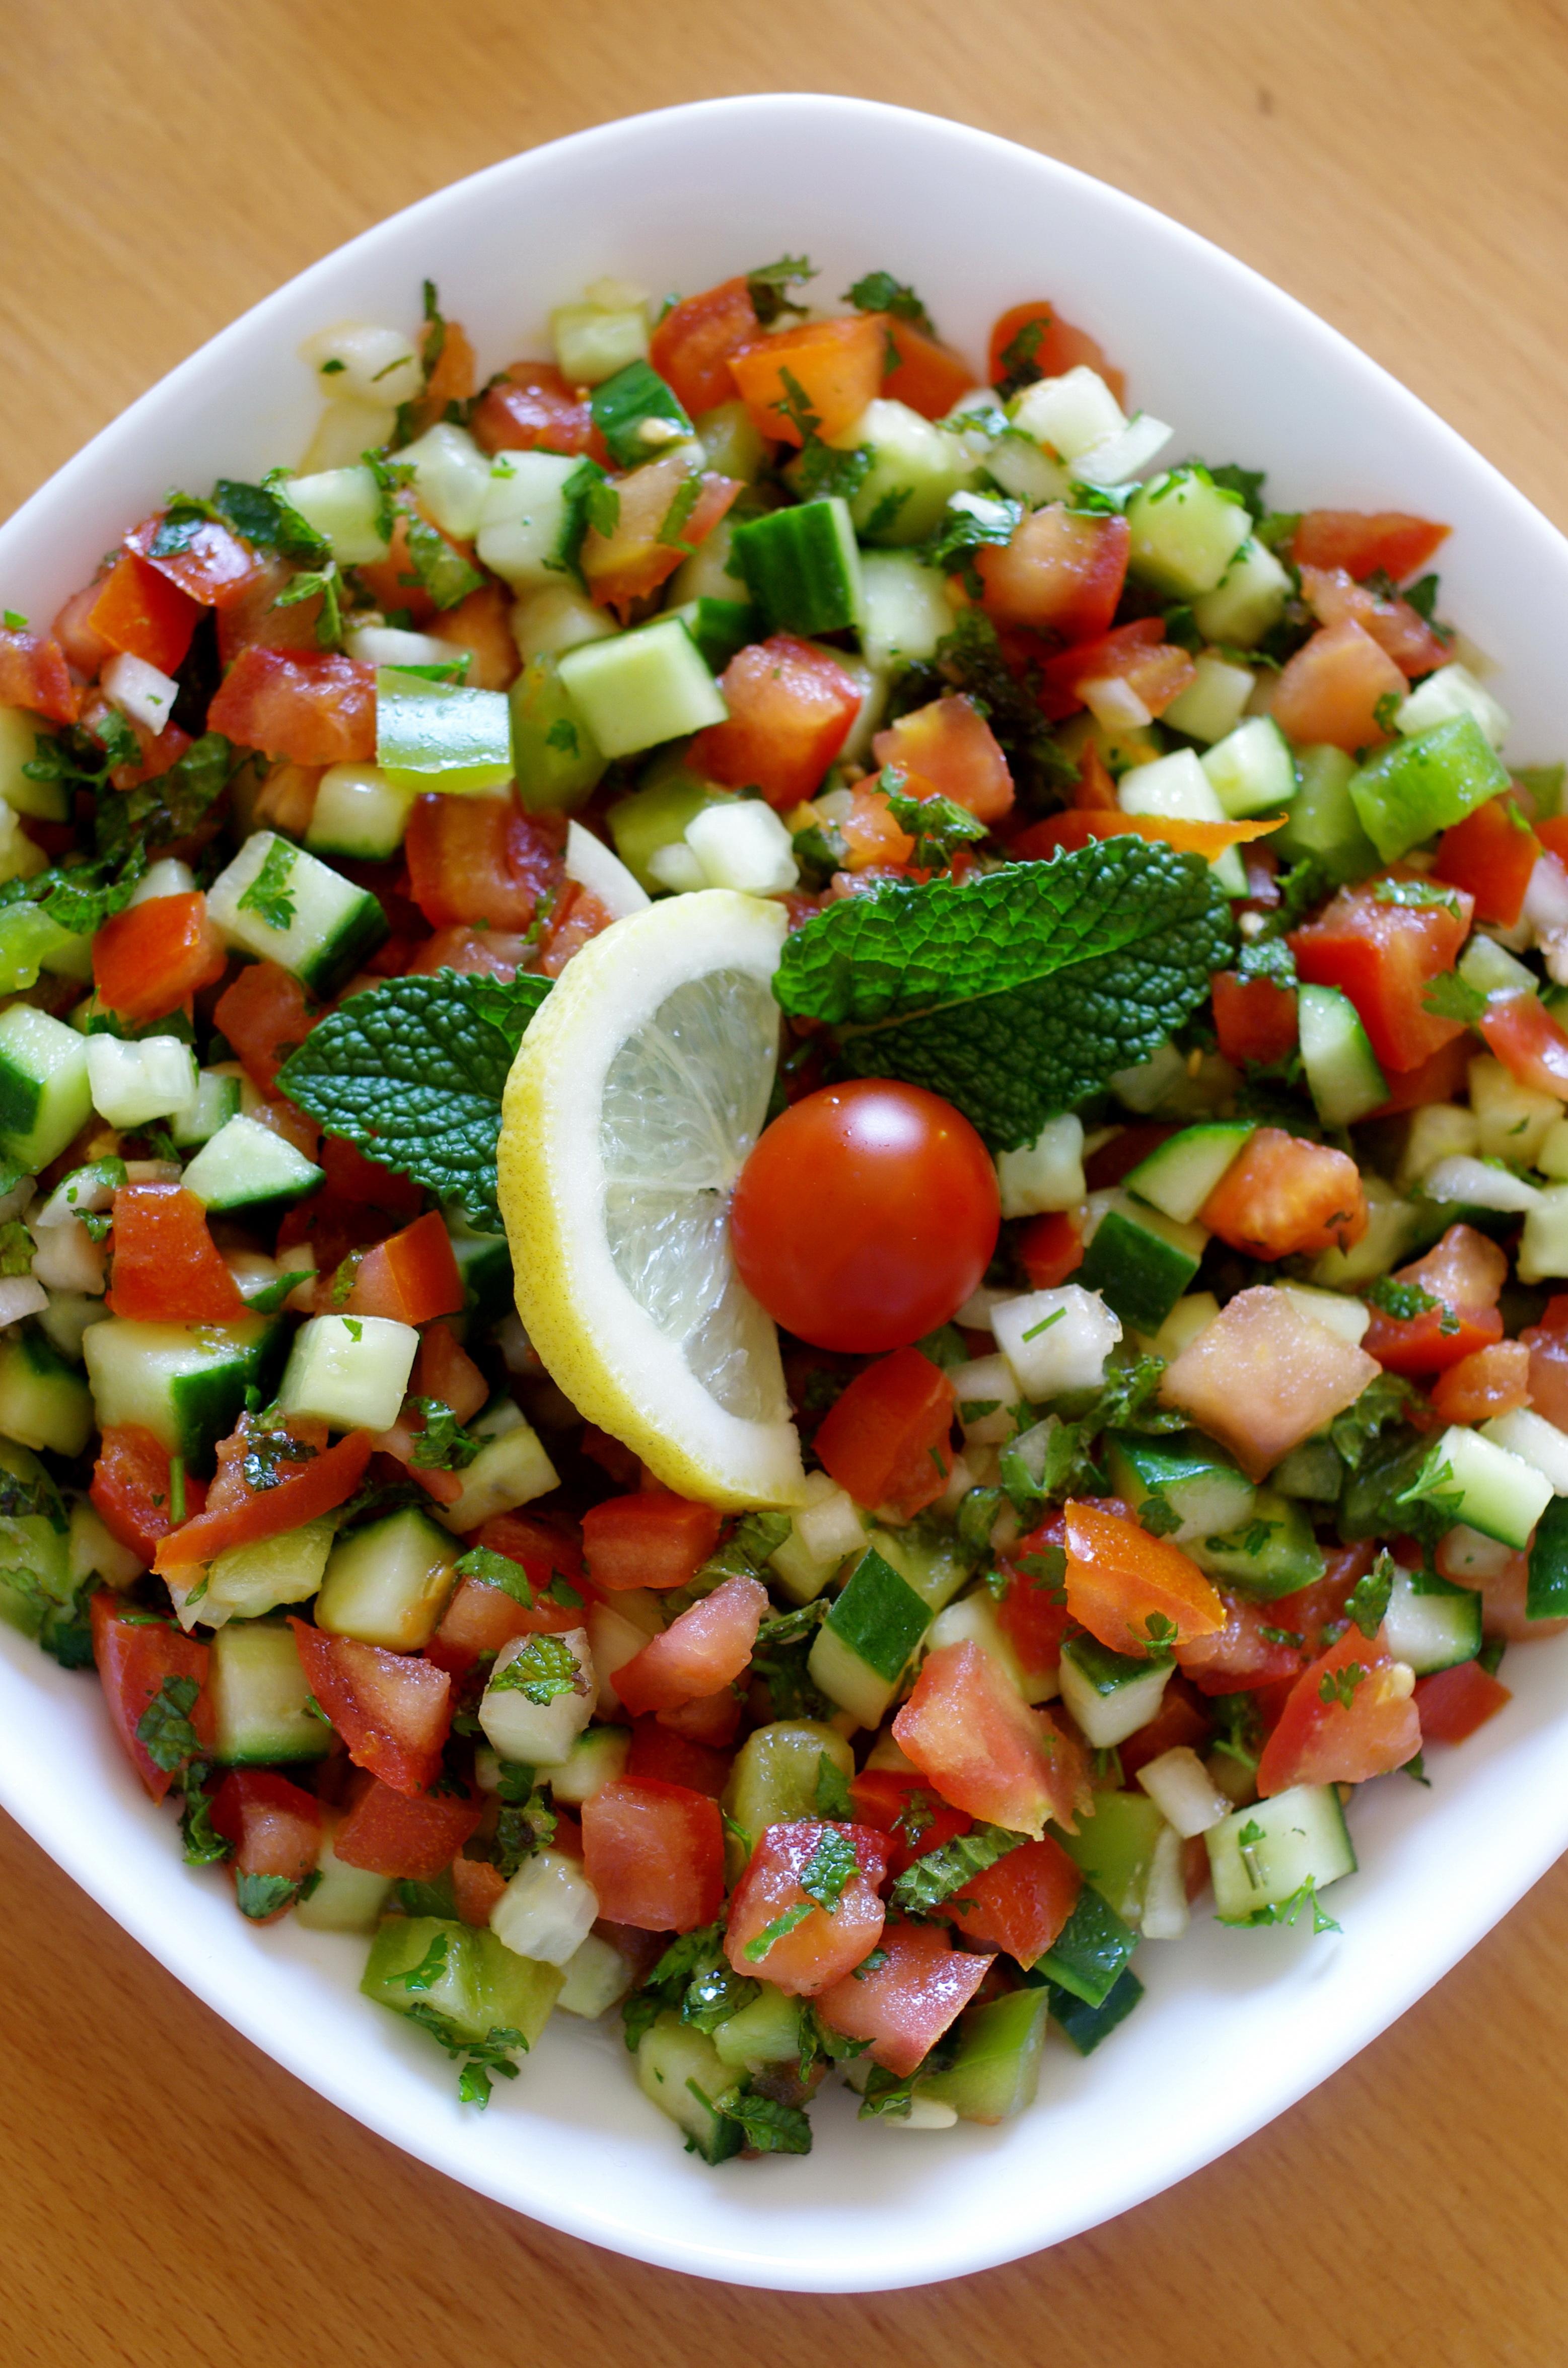 Salata salade classique syrienne paris alep cuisine syrienne - Oignon sous le lit combien de temps ...